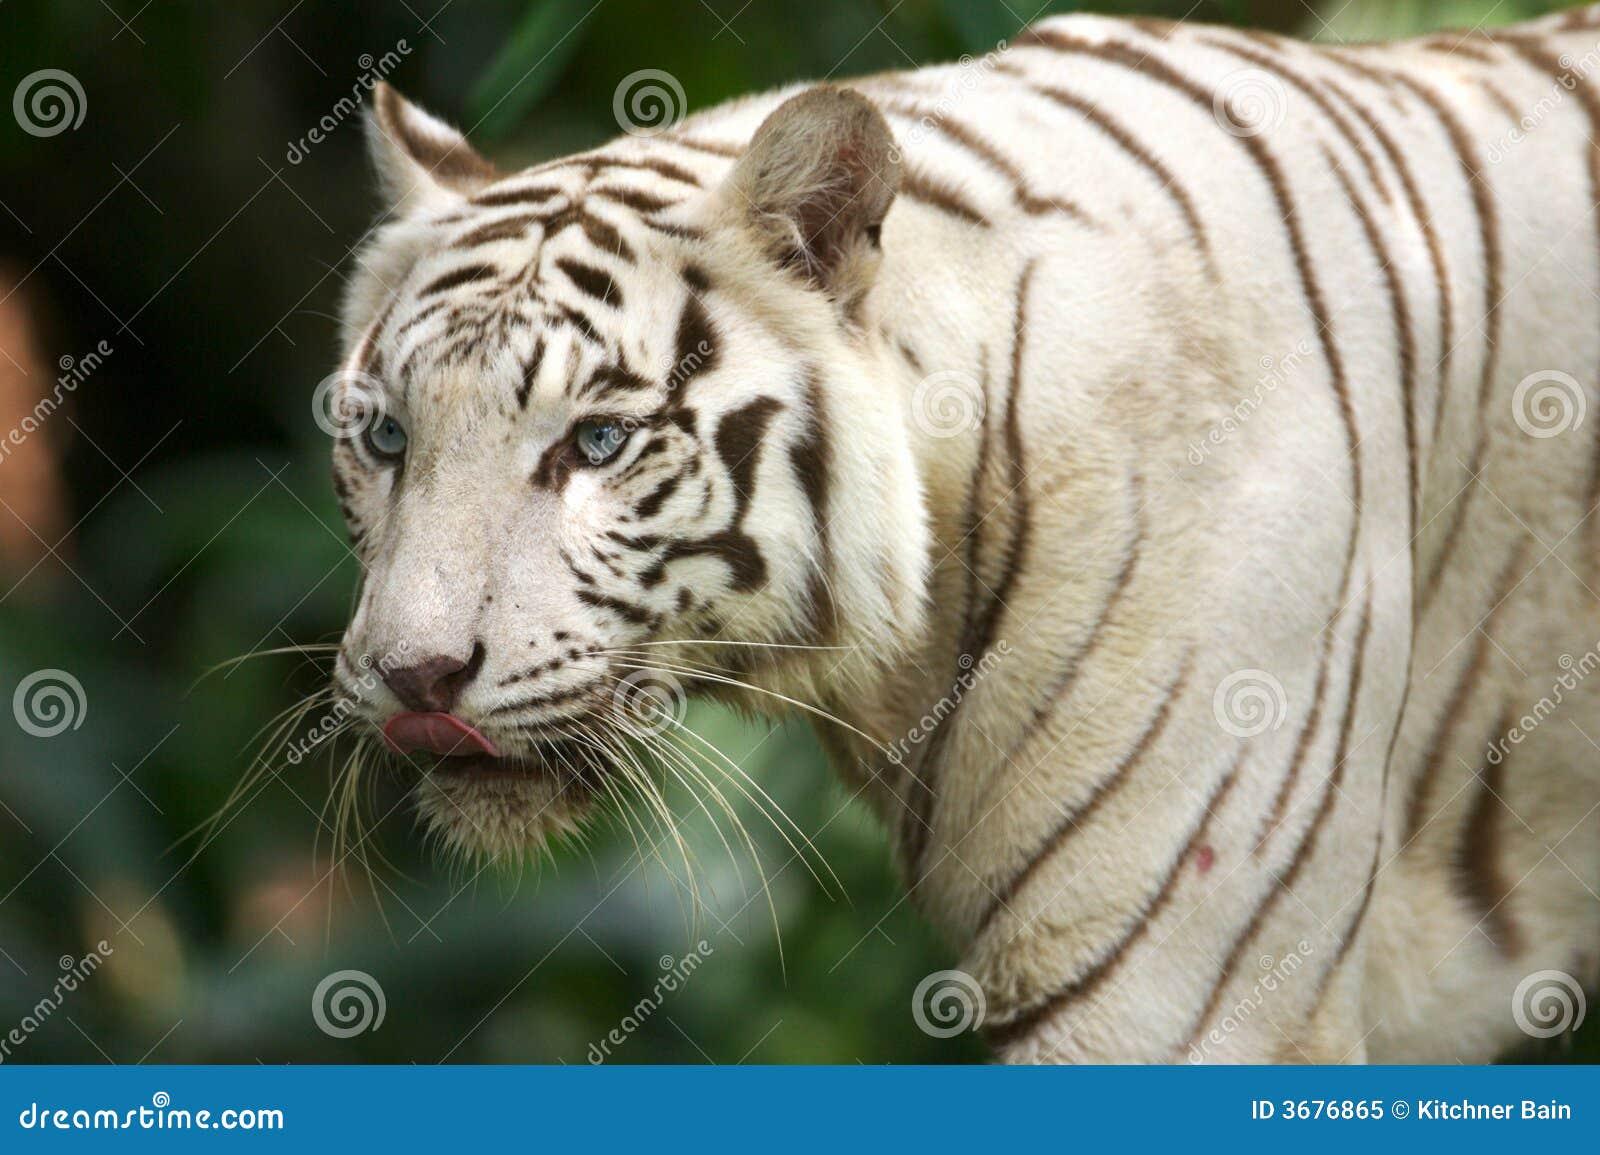 Download Tigre bianca immagine stock. Immagine di nave, prowling - 3676865